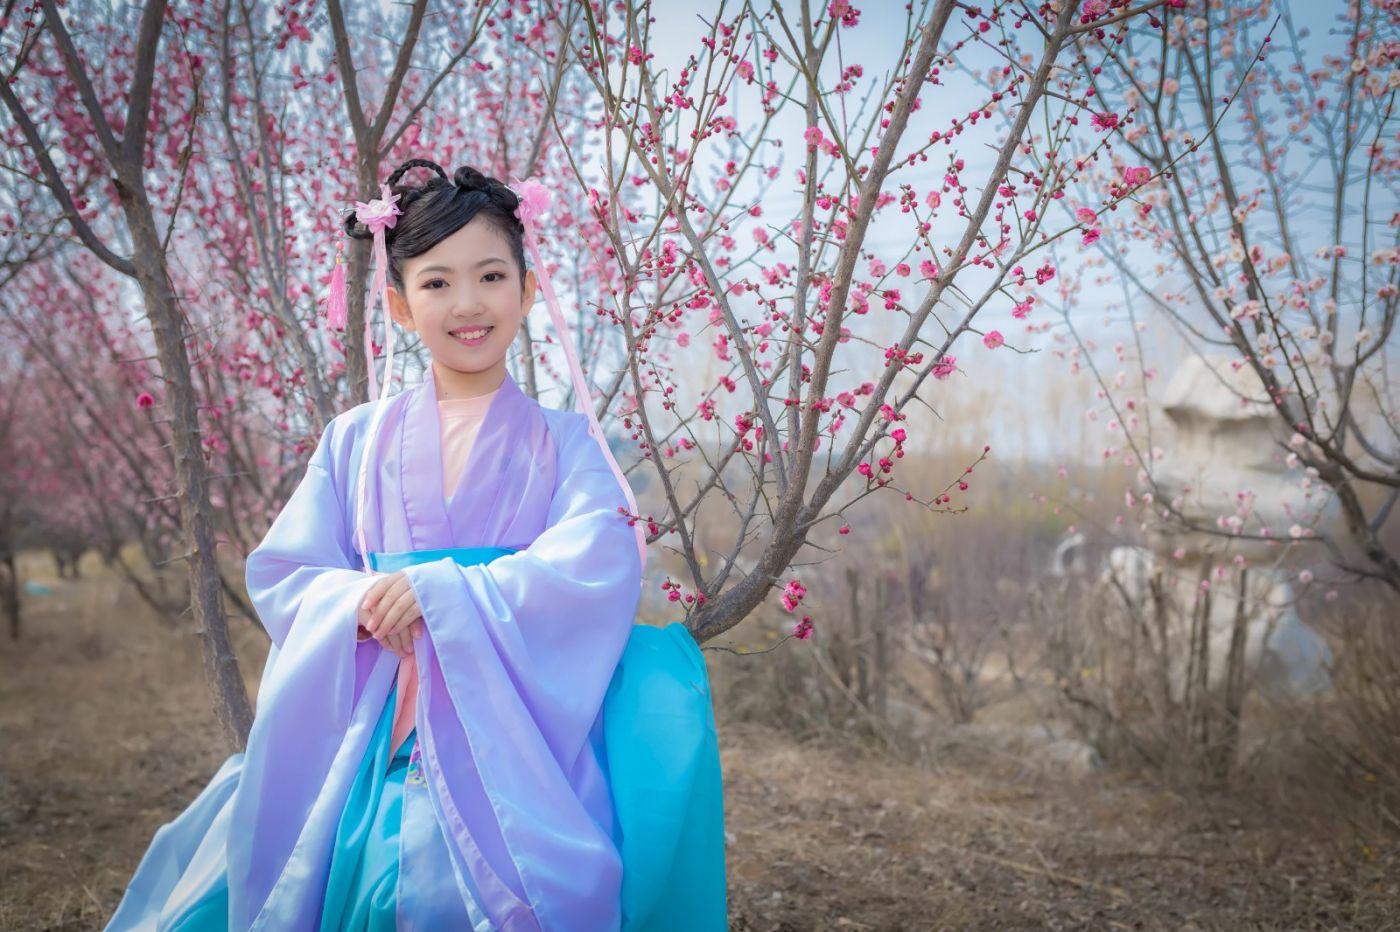 翟家小妮翟雅慧之春到梅园 花儿与少年系列 梅园尽显中国风_图1-7